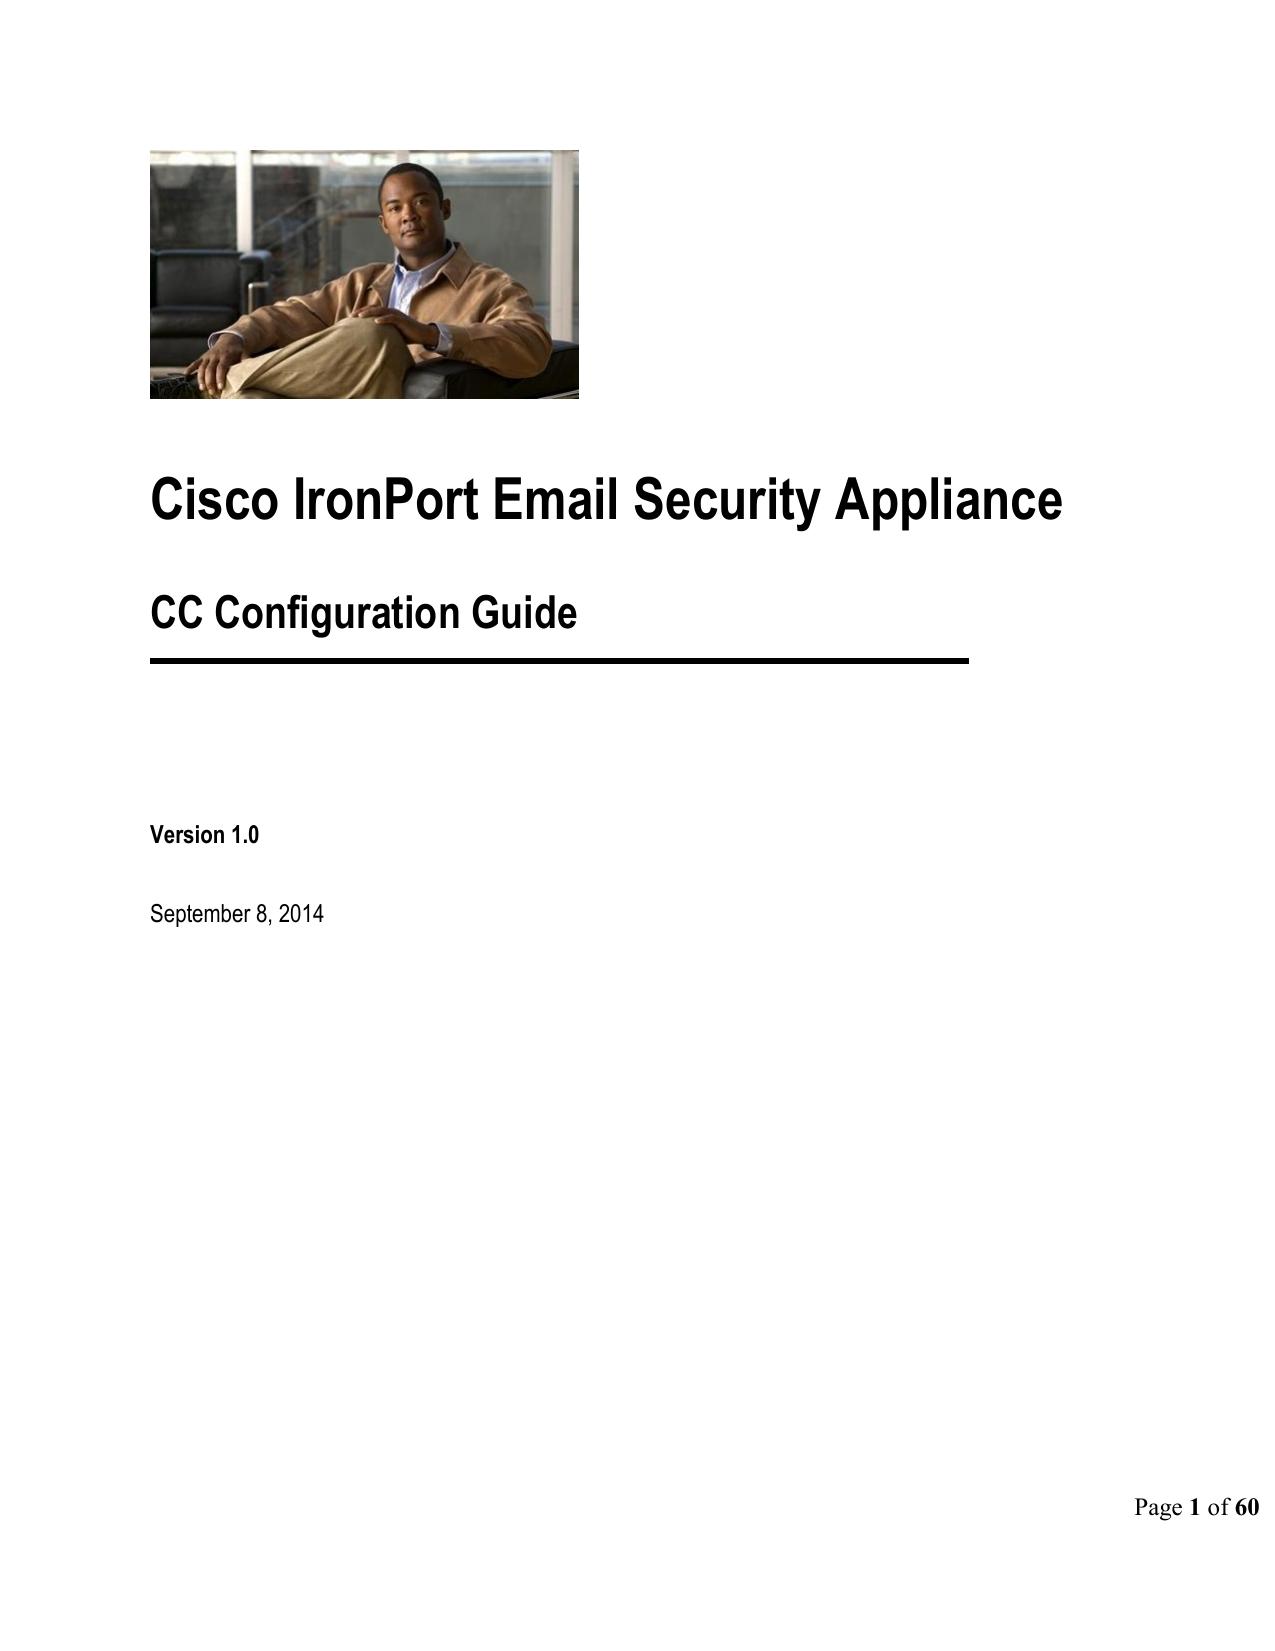 Cisco IronPort Email Security Appliance | manualzz com